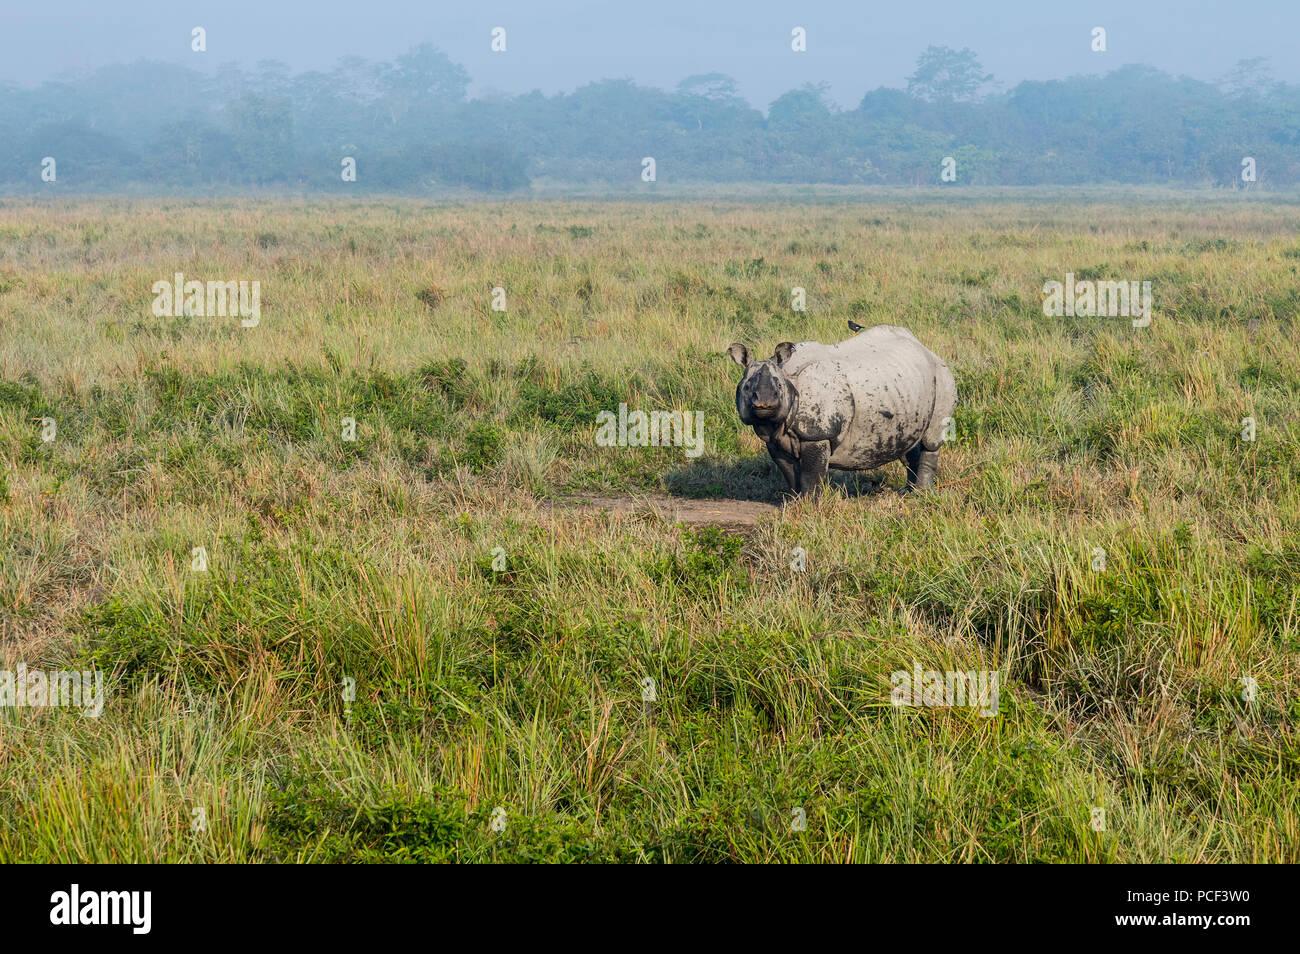 Indian rhinoceros (Rhinoceros unicornis) walking in elephant grass, Kaziranga National Park, Assam, India - Stock Image